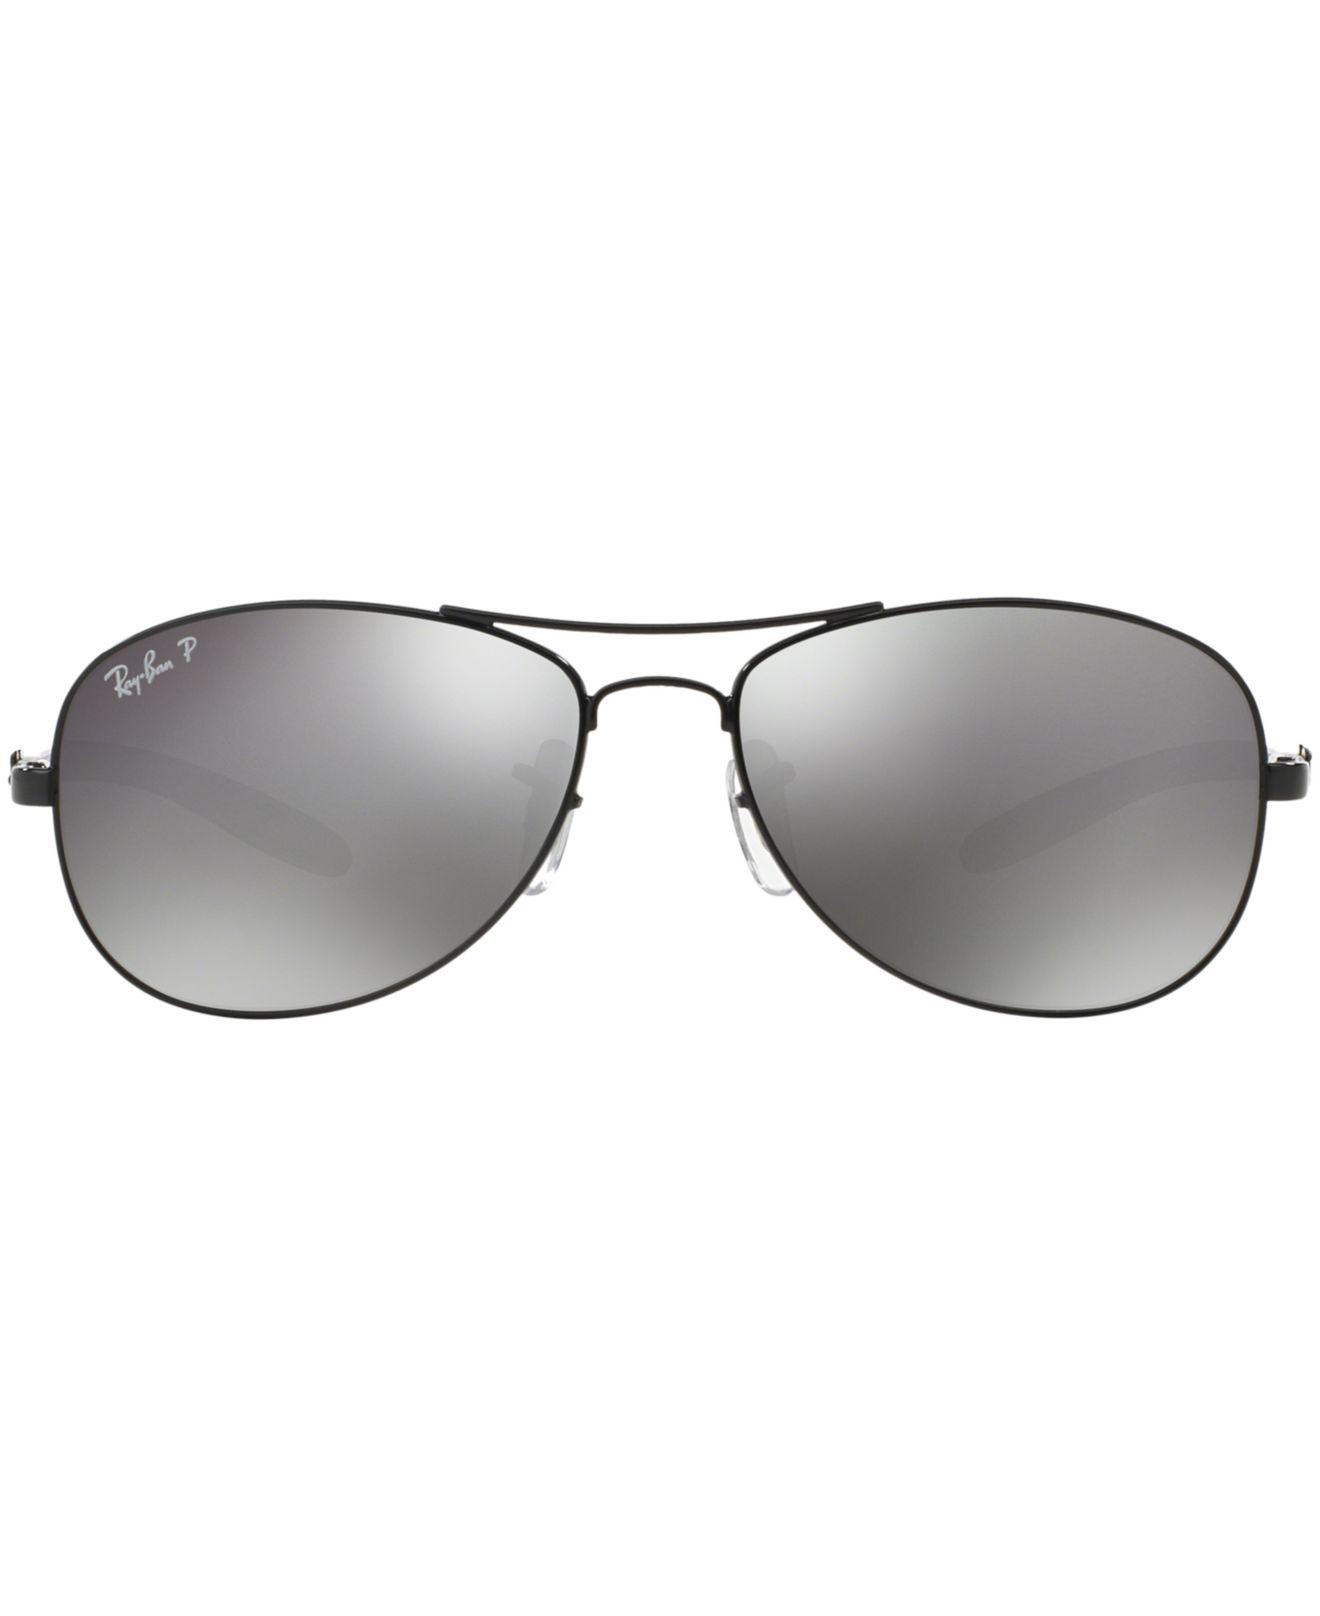 fdd39d4b49a Ray-ban Sunglasses Rb8301 59 Carbon Fibre - Bitterroot Public Library